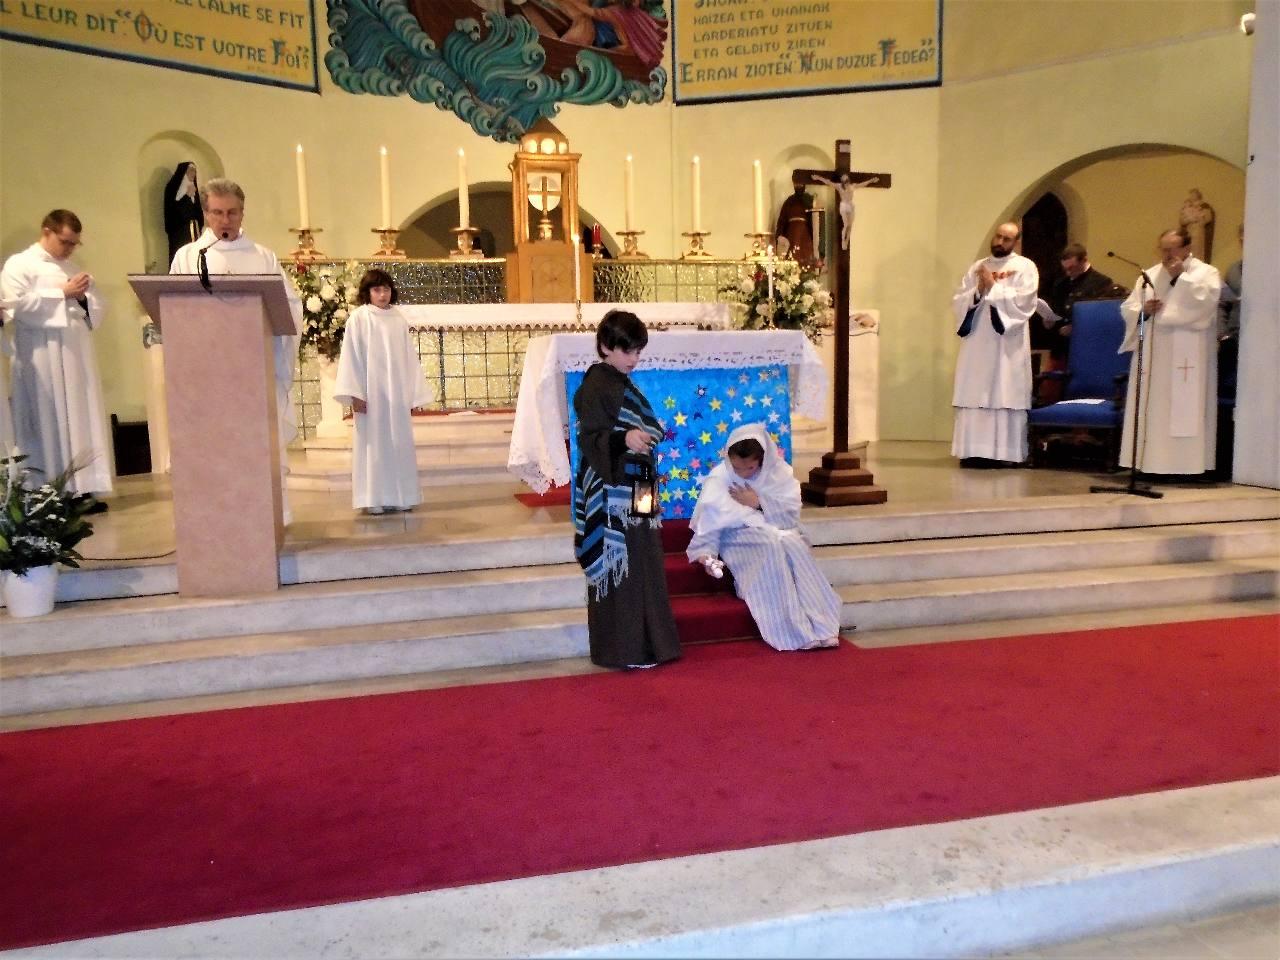 ... Les bergers repartirent ils glorifiaient et louaient Dieu ...   Marie, cependant, retenait tous ces événements et les méditaient dans son cœur.